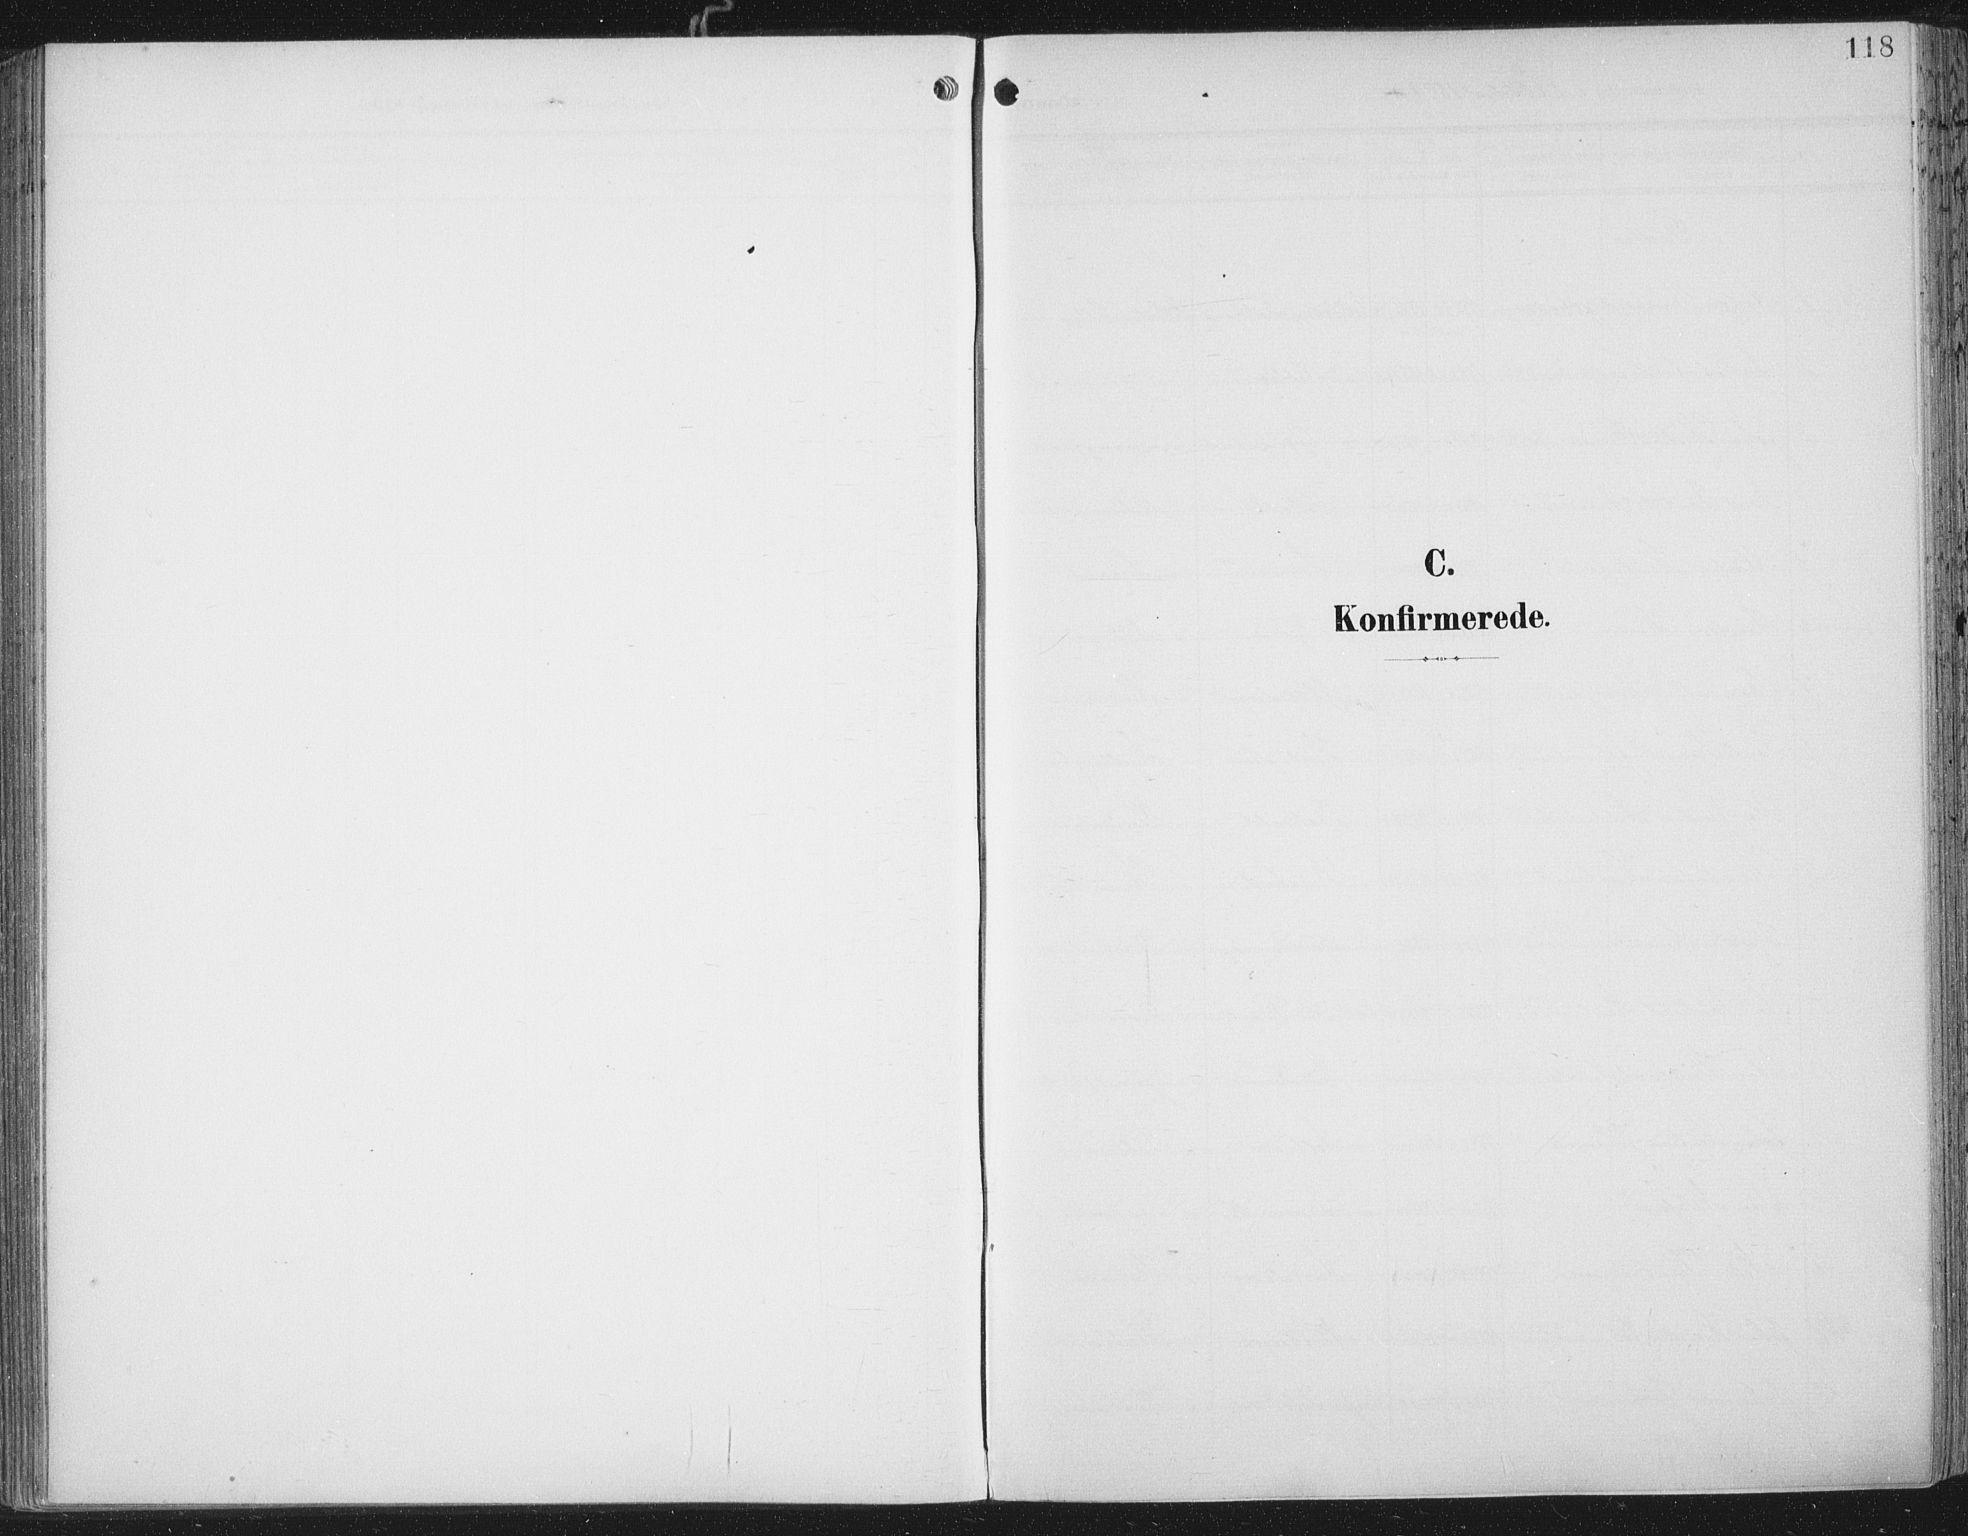 SAT, Ministerialprotokoller, klokkerbøker og fødselsregistre - Nord-Trøndelag, 701/L0011: Parish register (official) no. 701A11, 1899-1915, p. 118